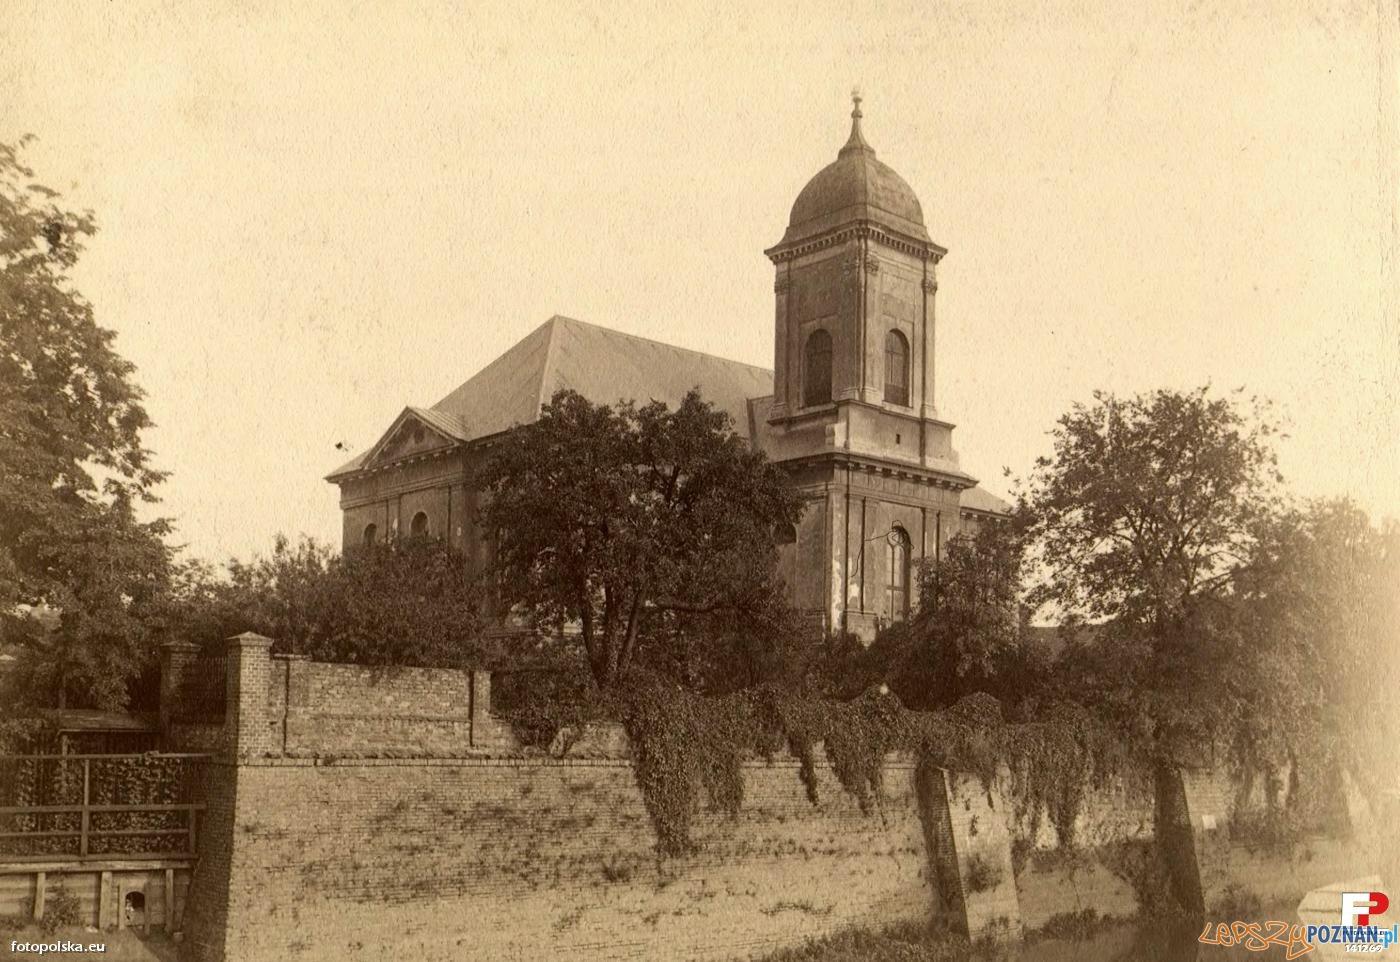 Kościół Wszystkich Świętych na Grobli, około 1880 roku  Foto: fotopolska.eu